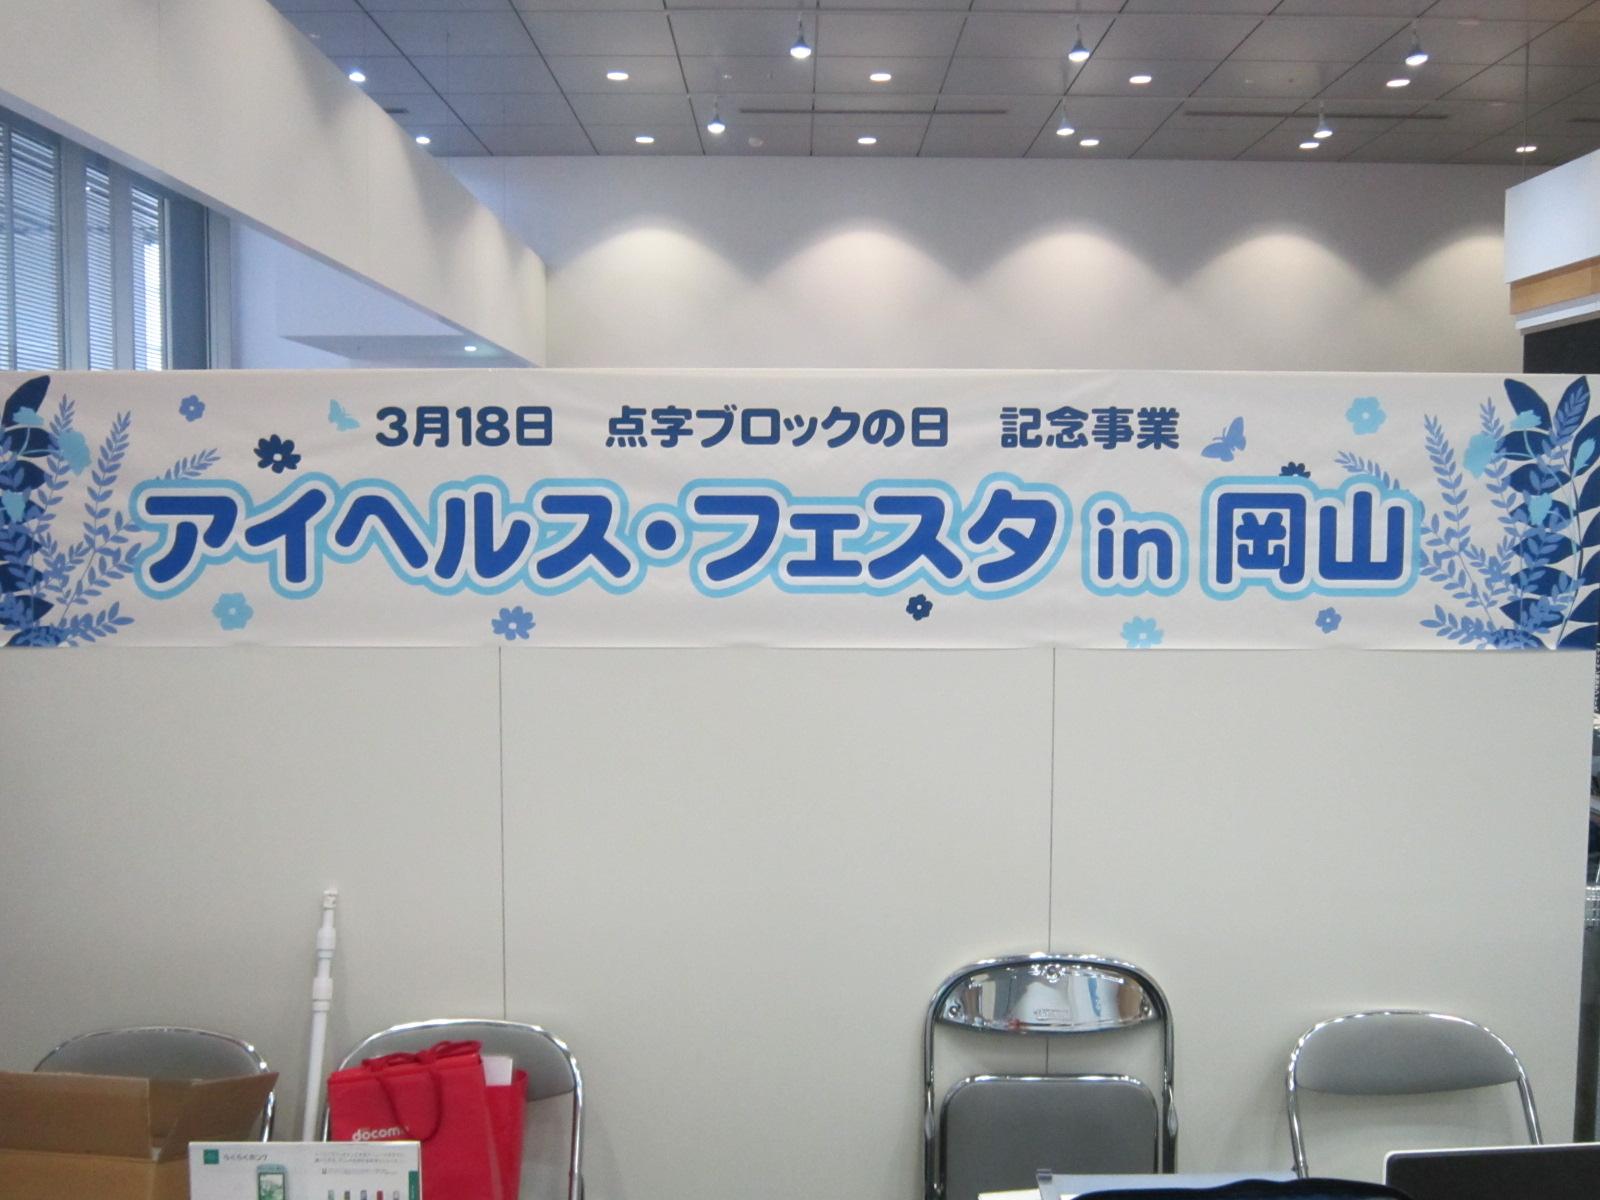 アイヘルス・フェスタ2012in岡山_b0188483_14505033.jpg